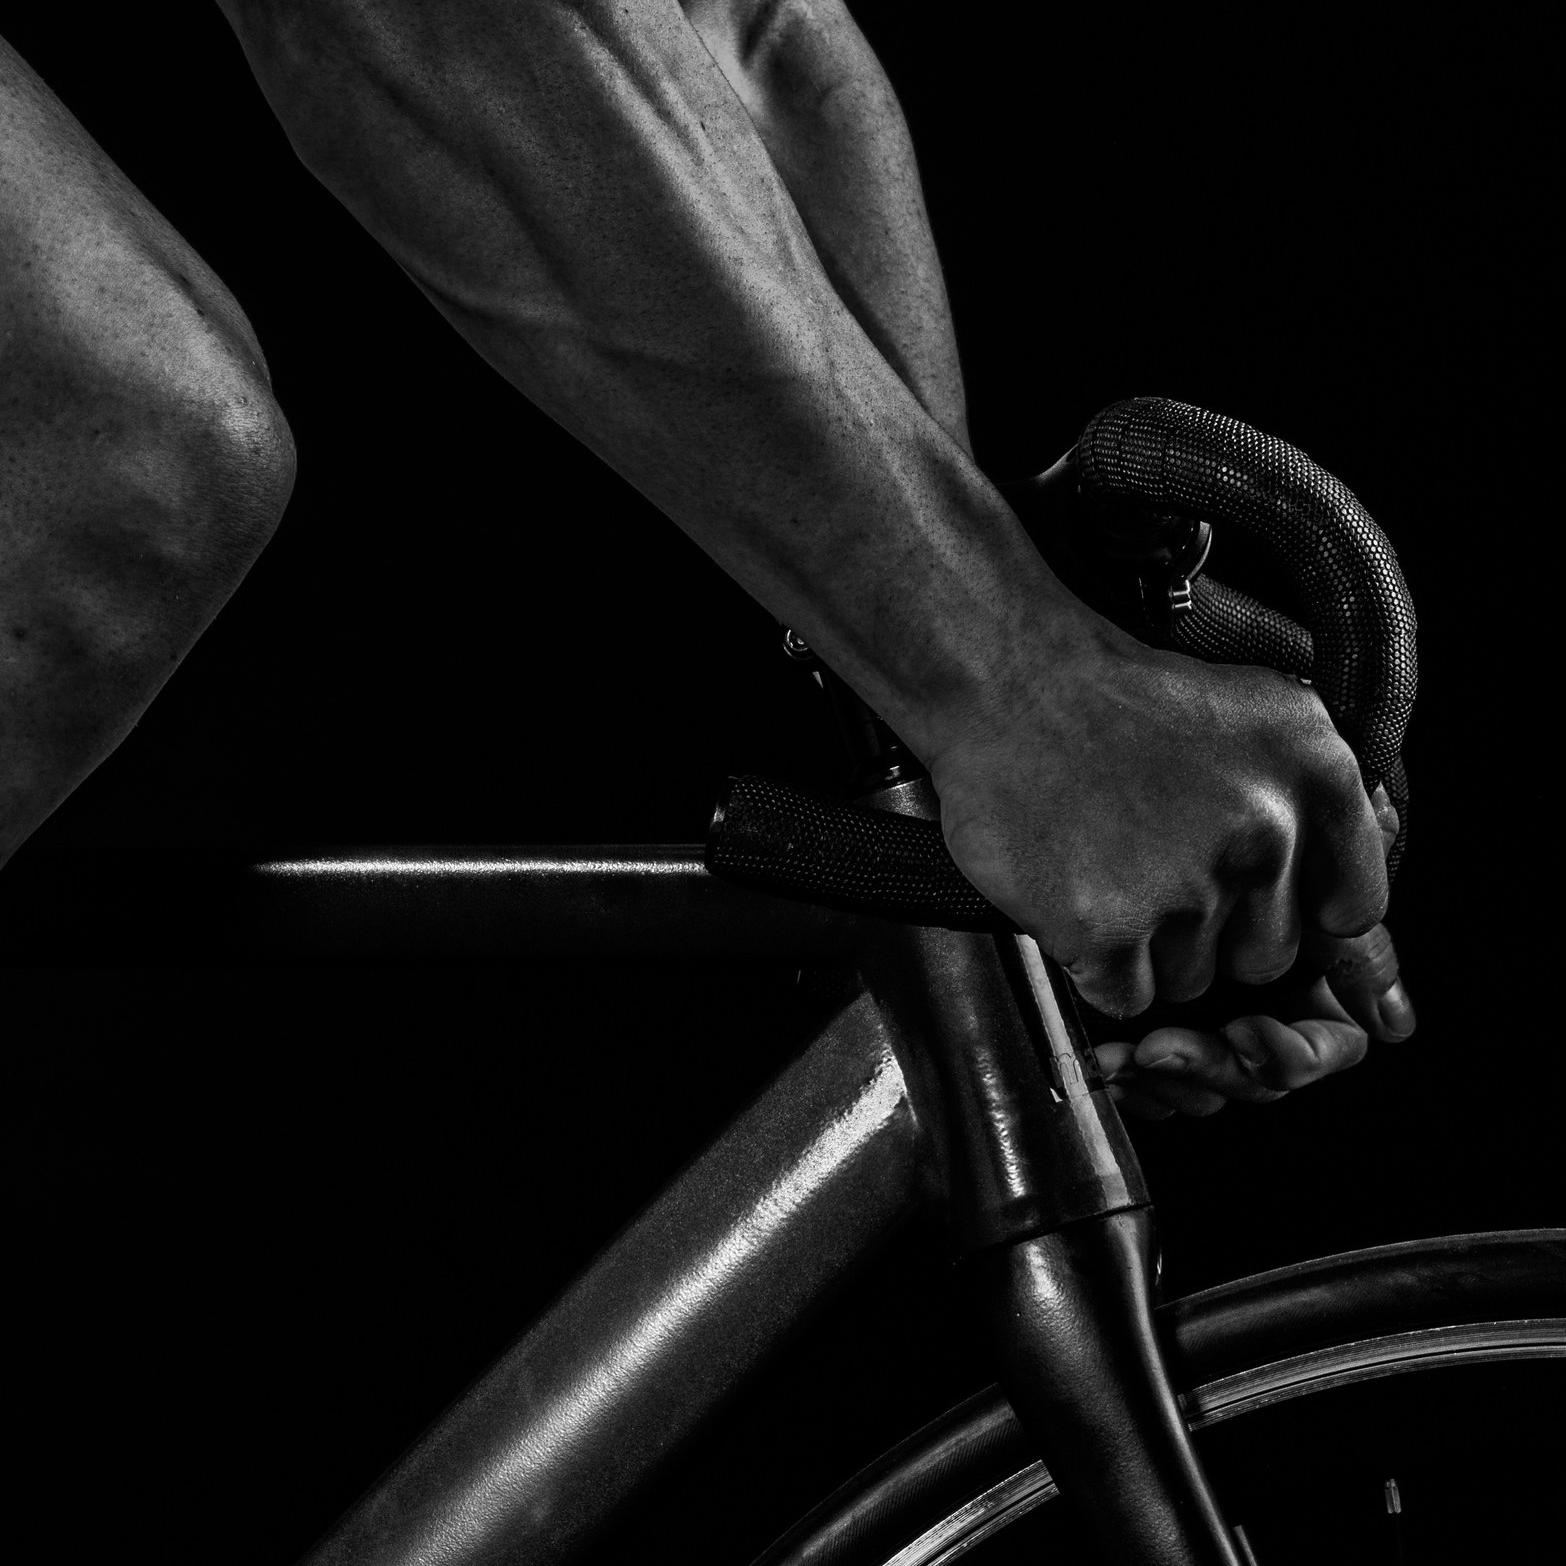 - bike fittings